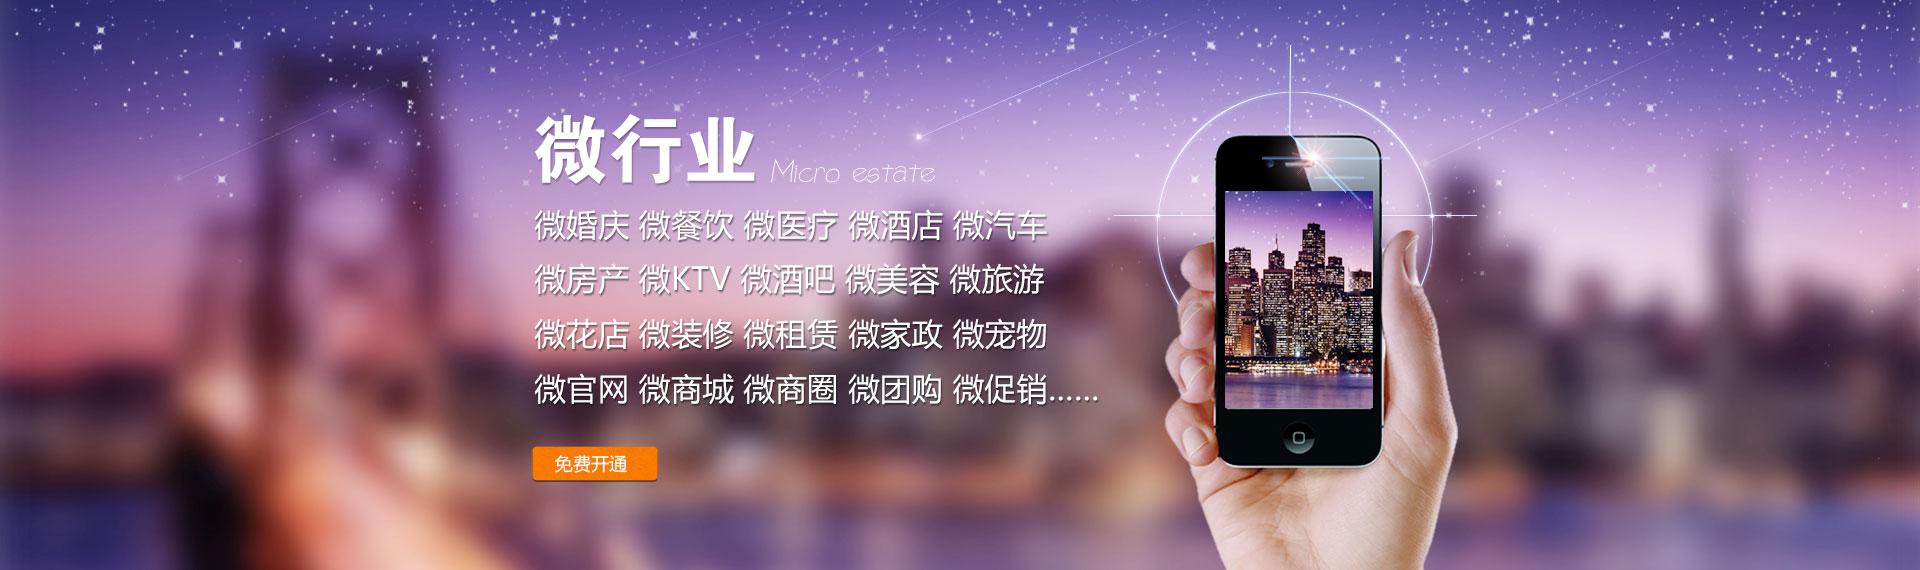 乐虎国际唯一网站微信营销